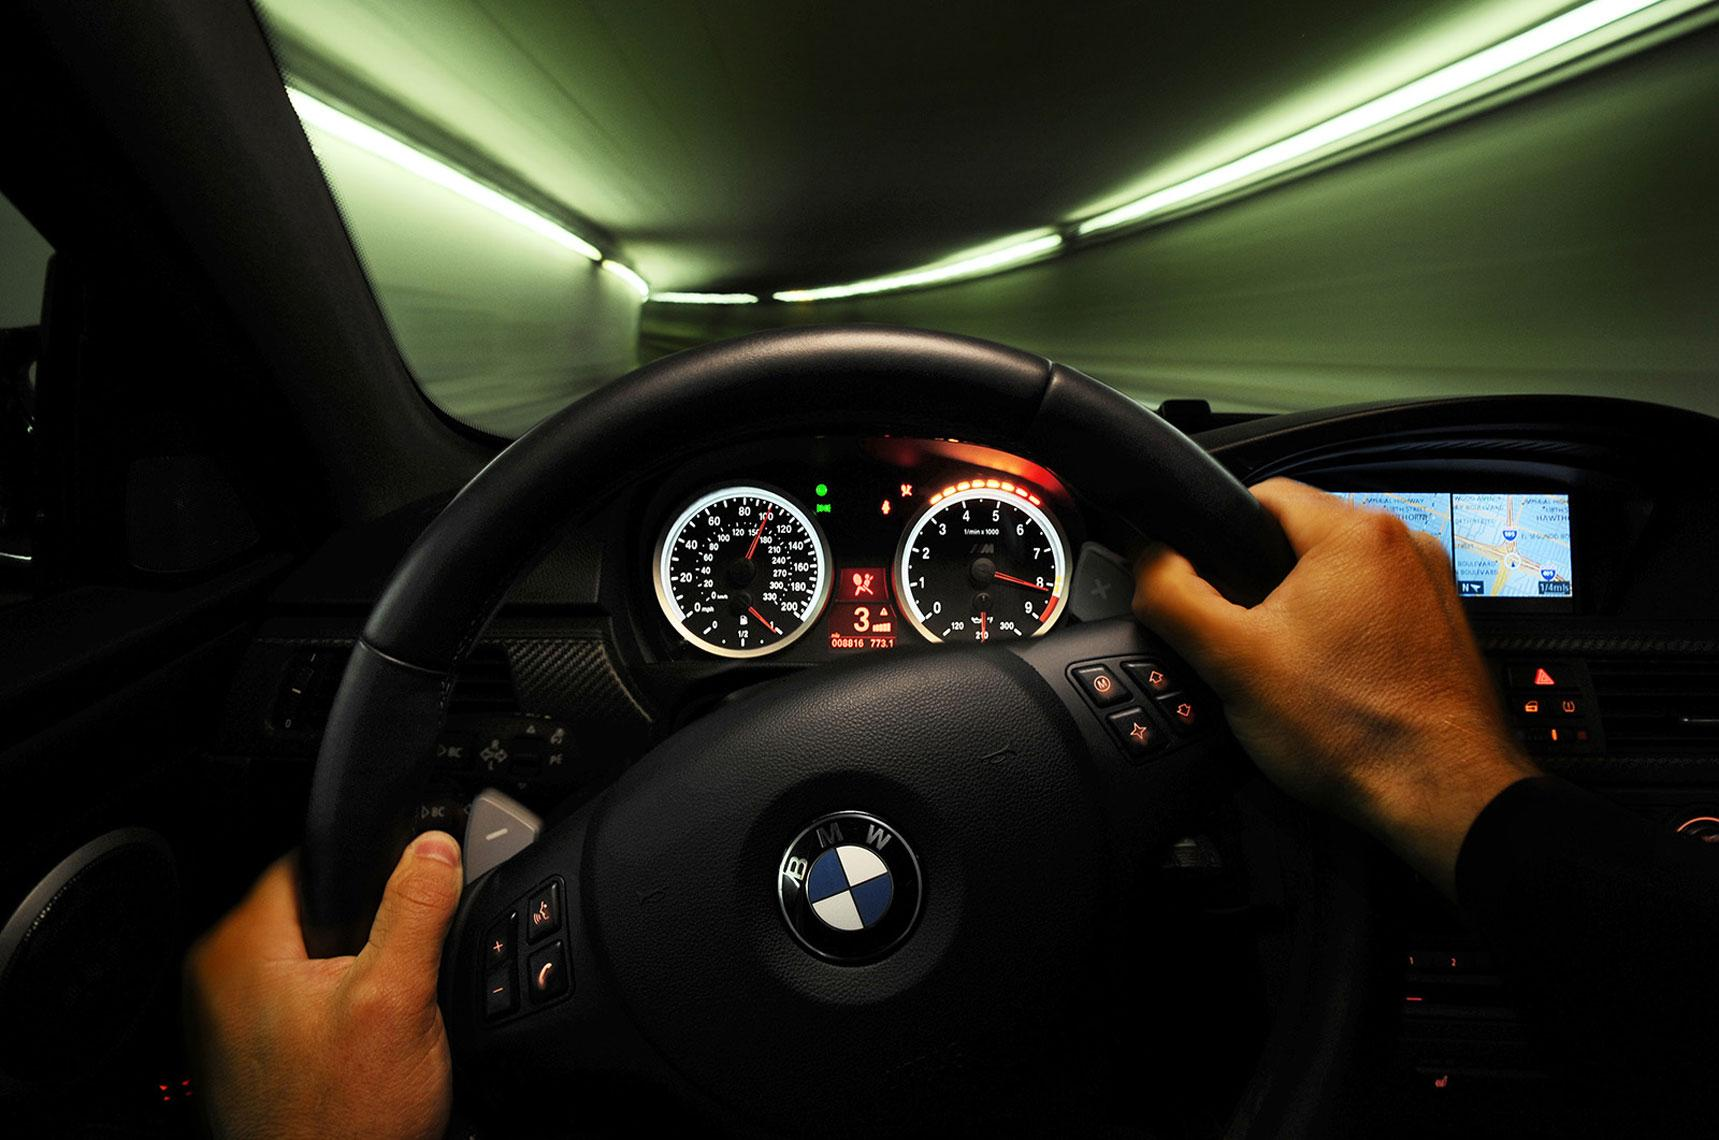 VHUBER_lights_steeringwhl